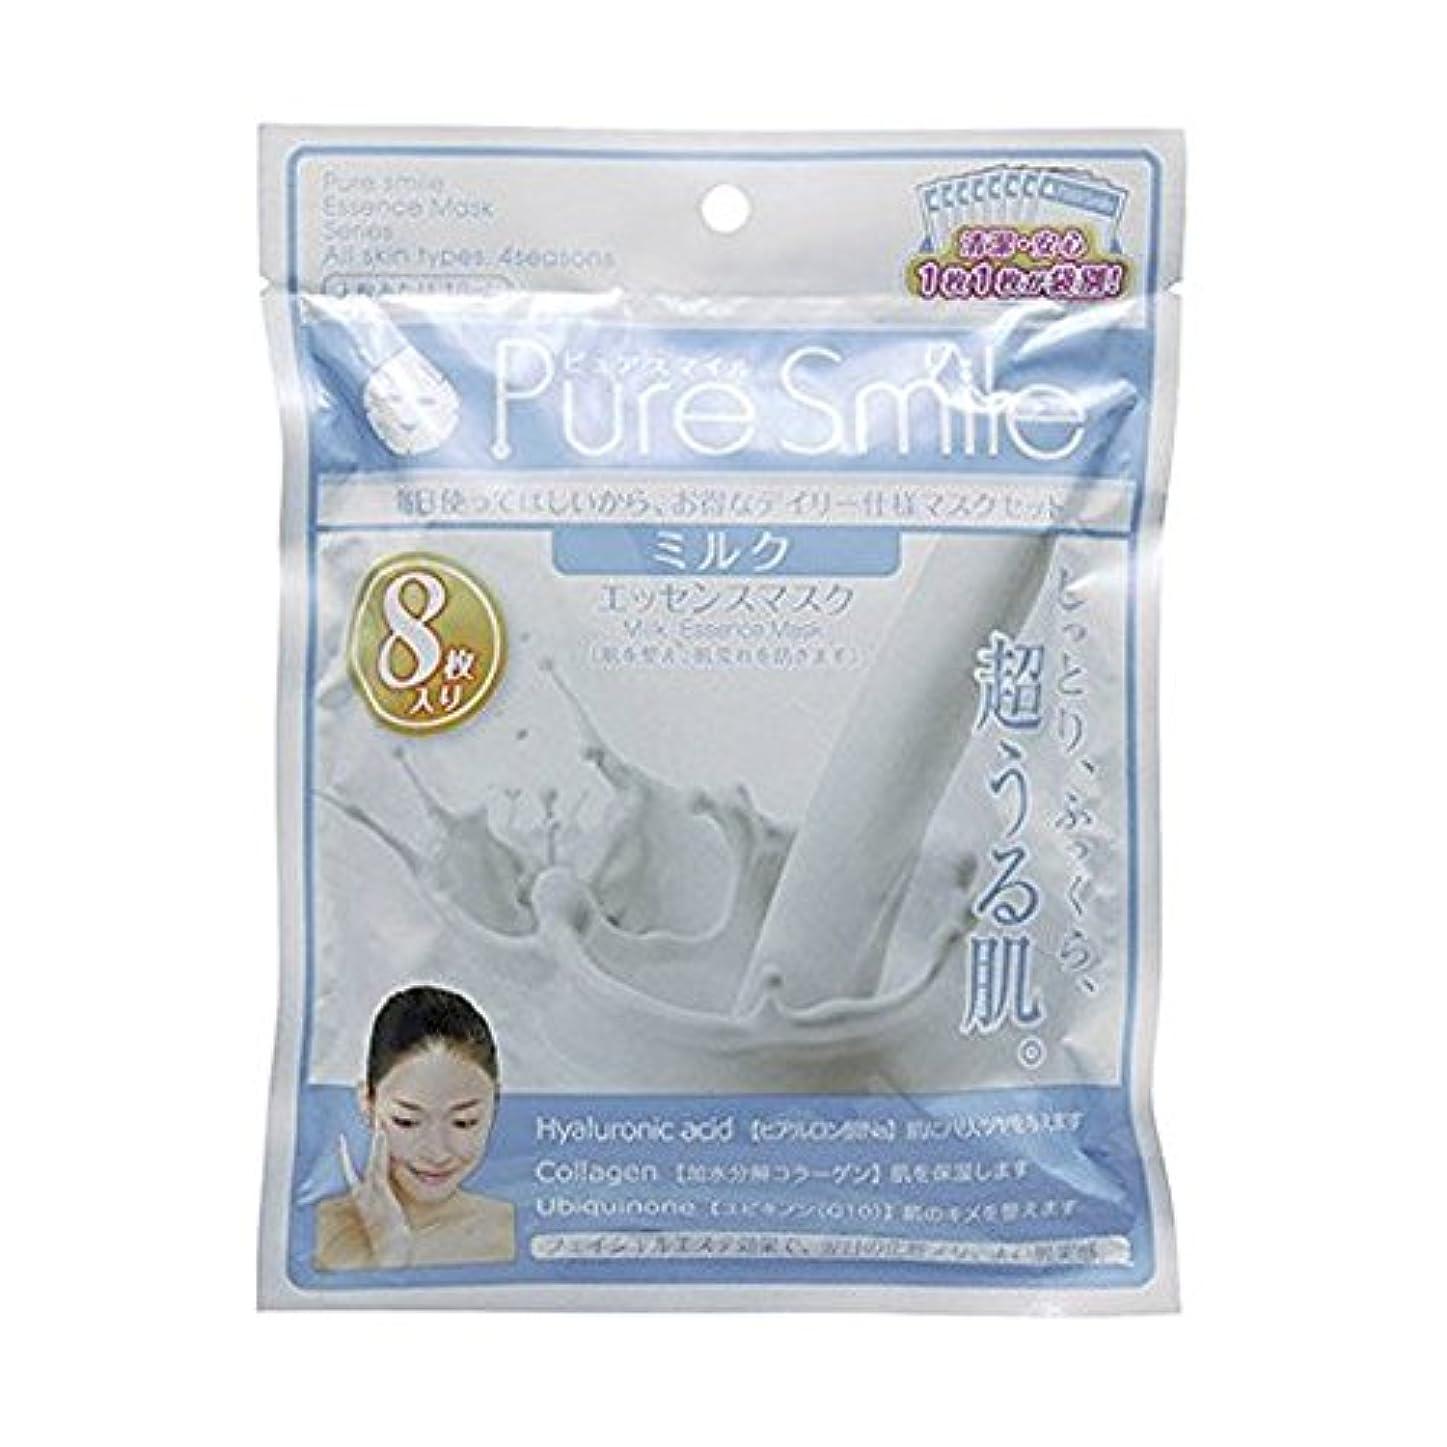 優先賞ロータリーピュアスマイル エッセンスマスク 8枚セット ミルク